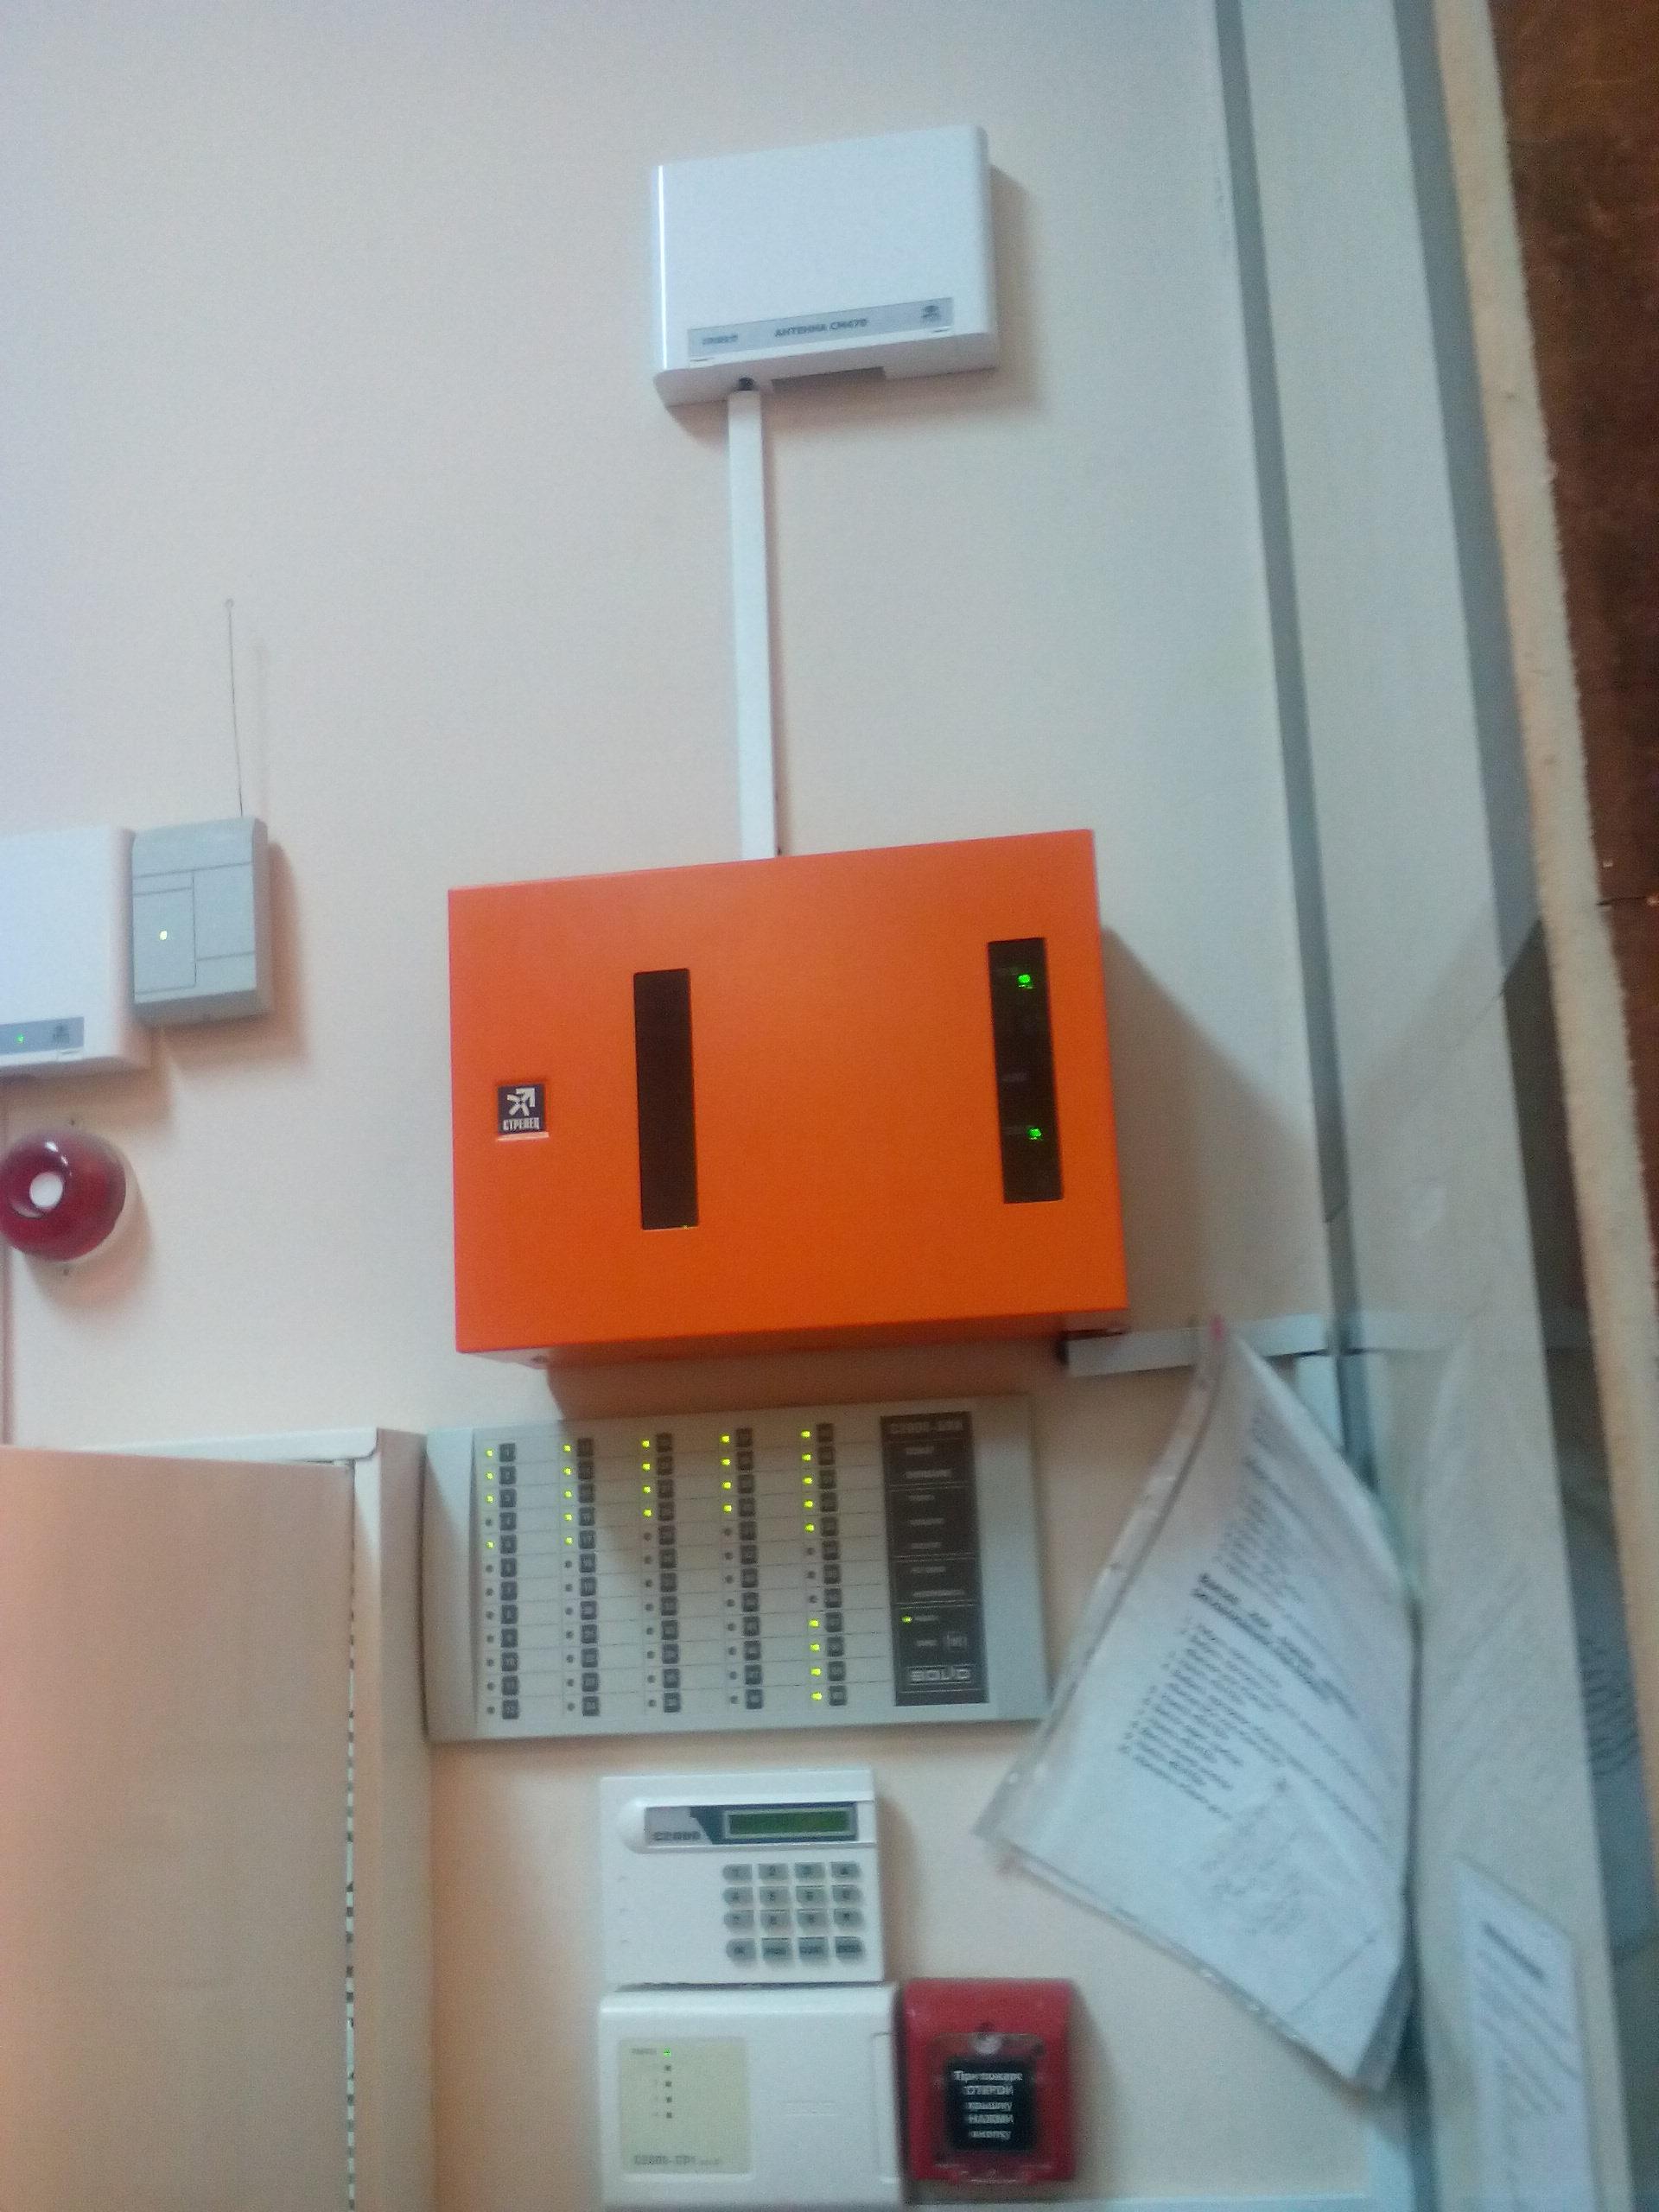 эксплуатационное техническое обслуживание системы мониторинга автоматической пожарной сигнализации